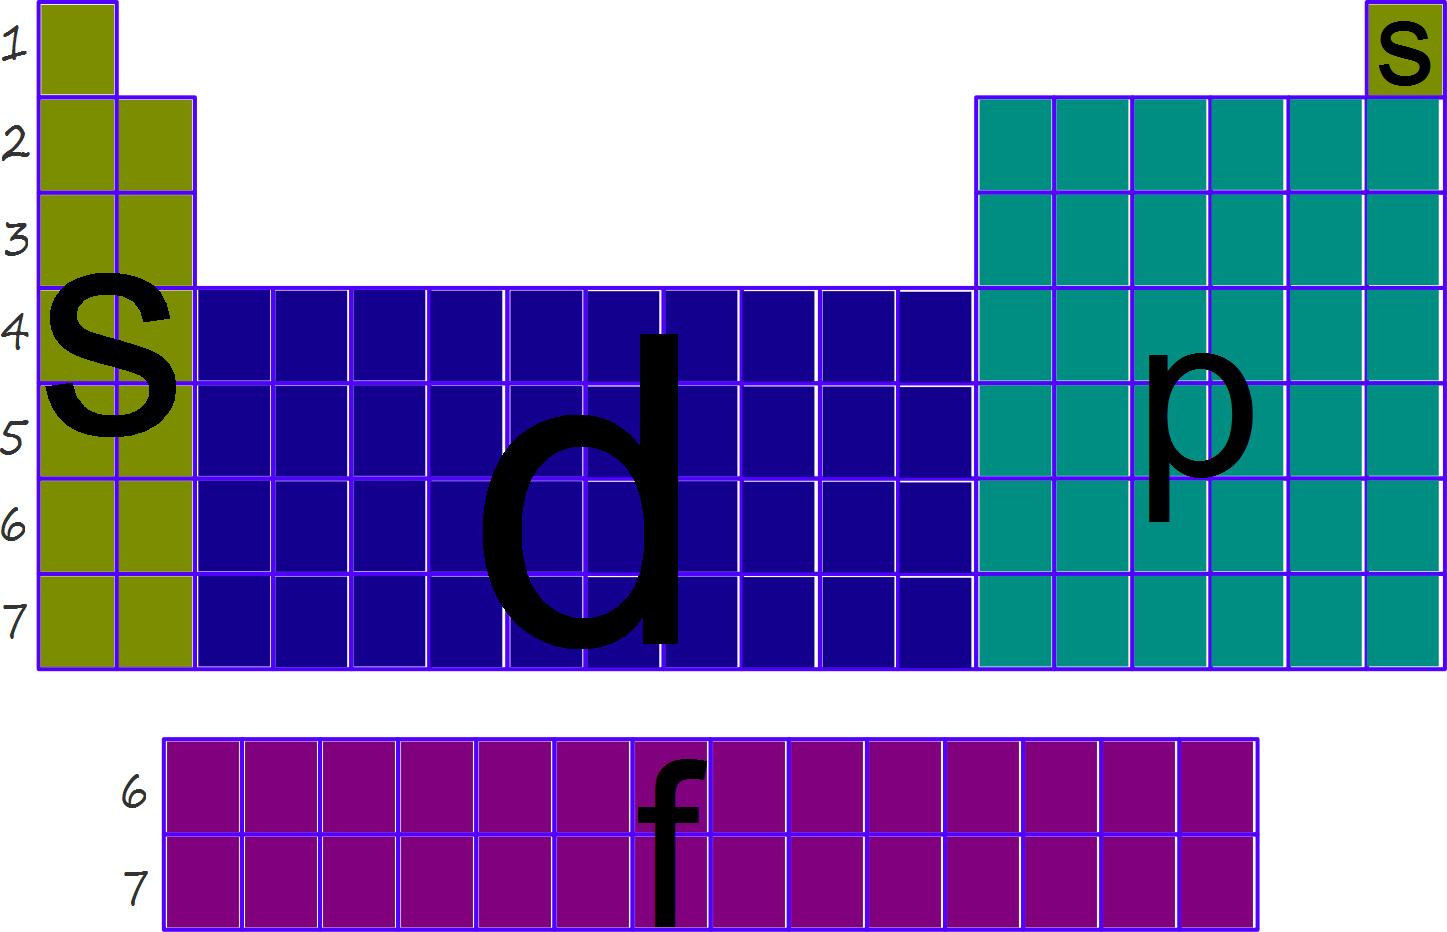 Recuperacin qumica i bloque iv interpretas la tabla peridica esto quiere decir que existe un bloque s para aquellos elementos que estn llenando en s1 y s2 as como existe el bloque d para los elementos que llenan urtaz Gallery